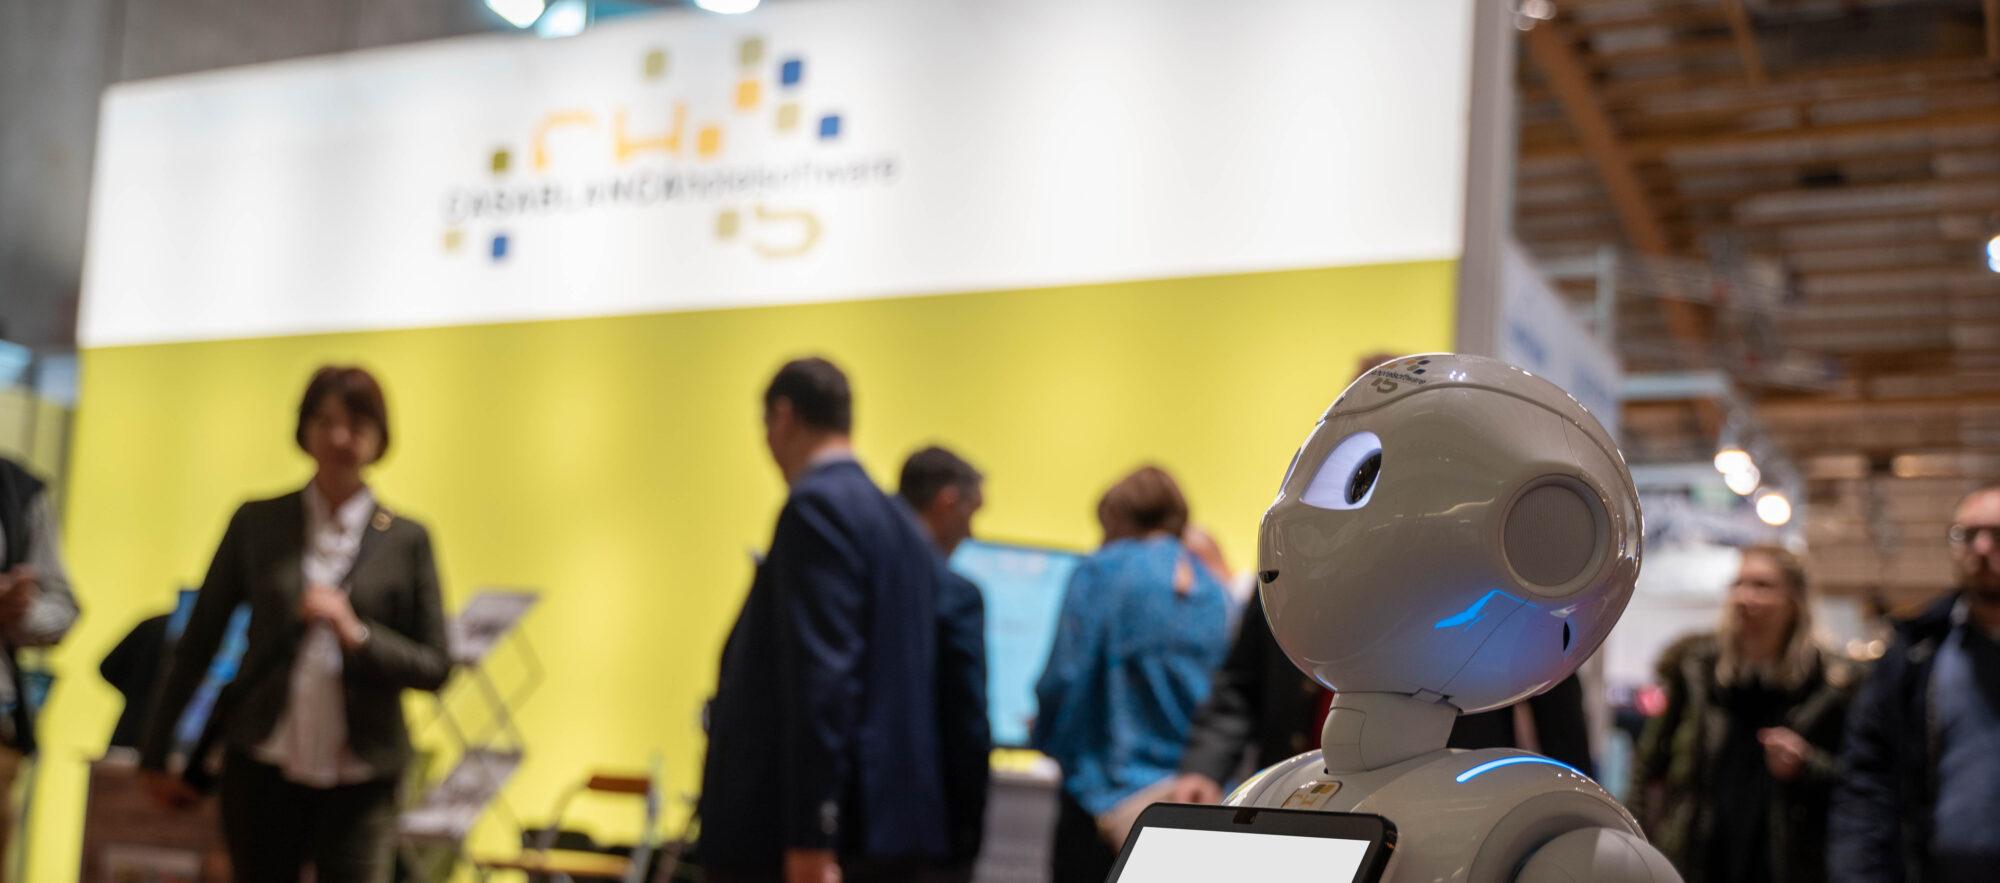 Messe mit Casablanca Hotelsoftware und Roboter